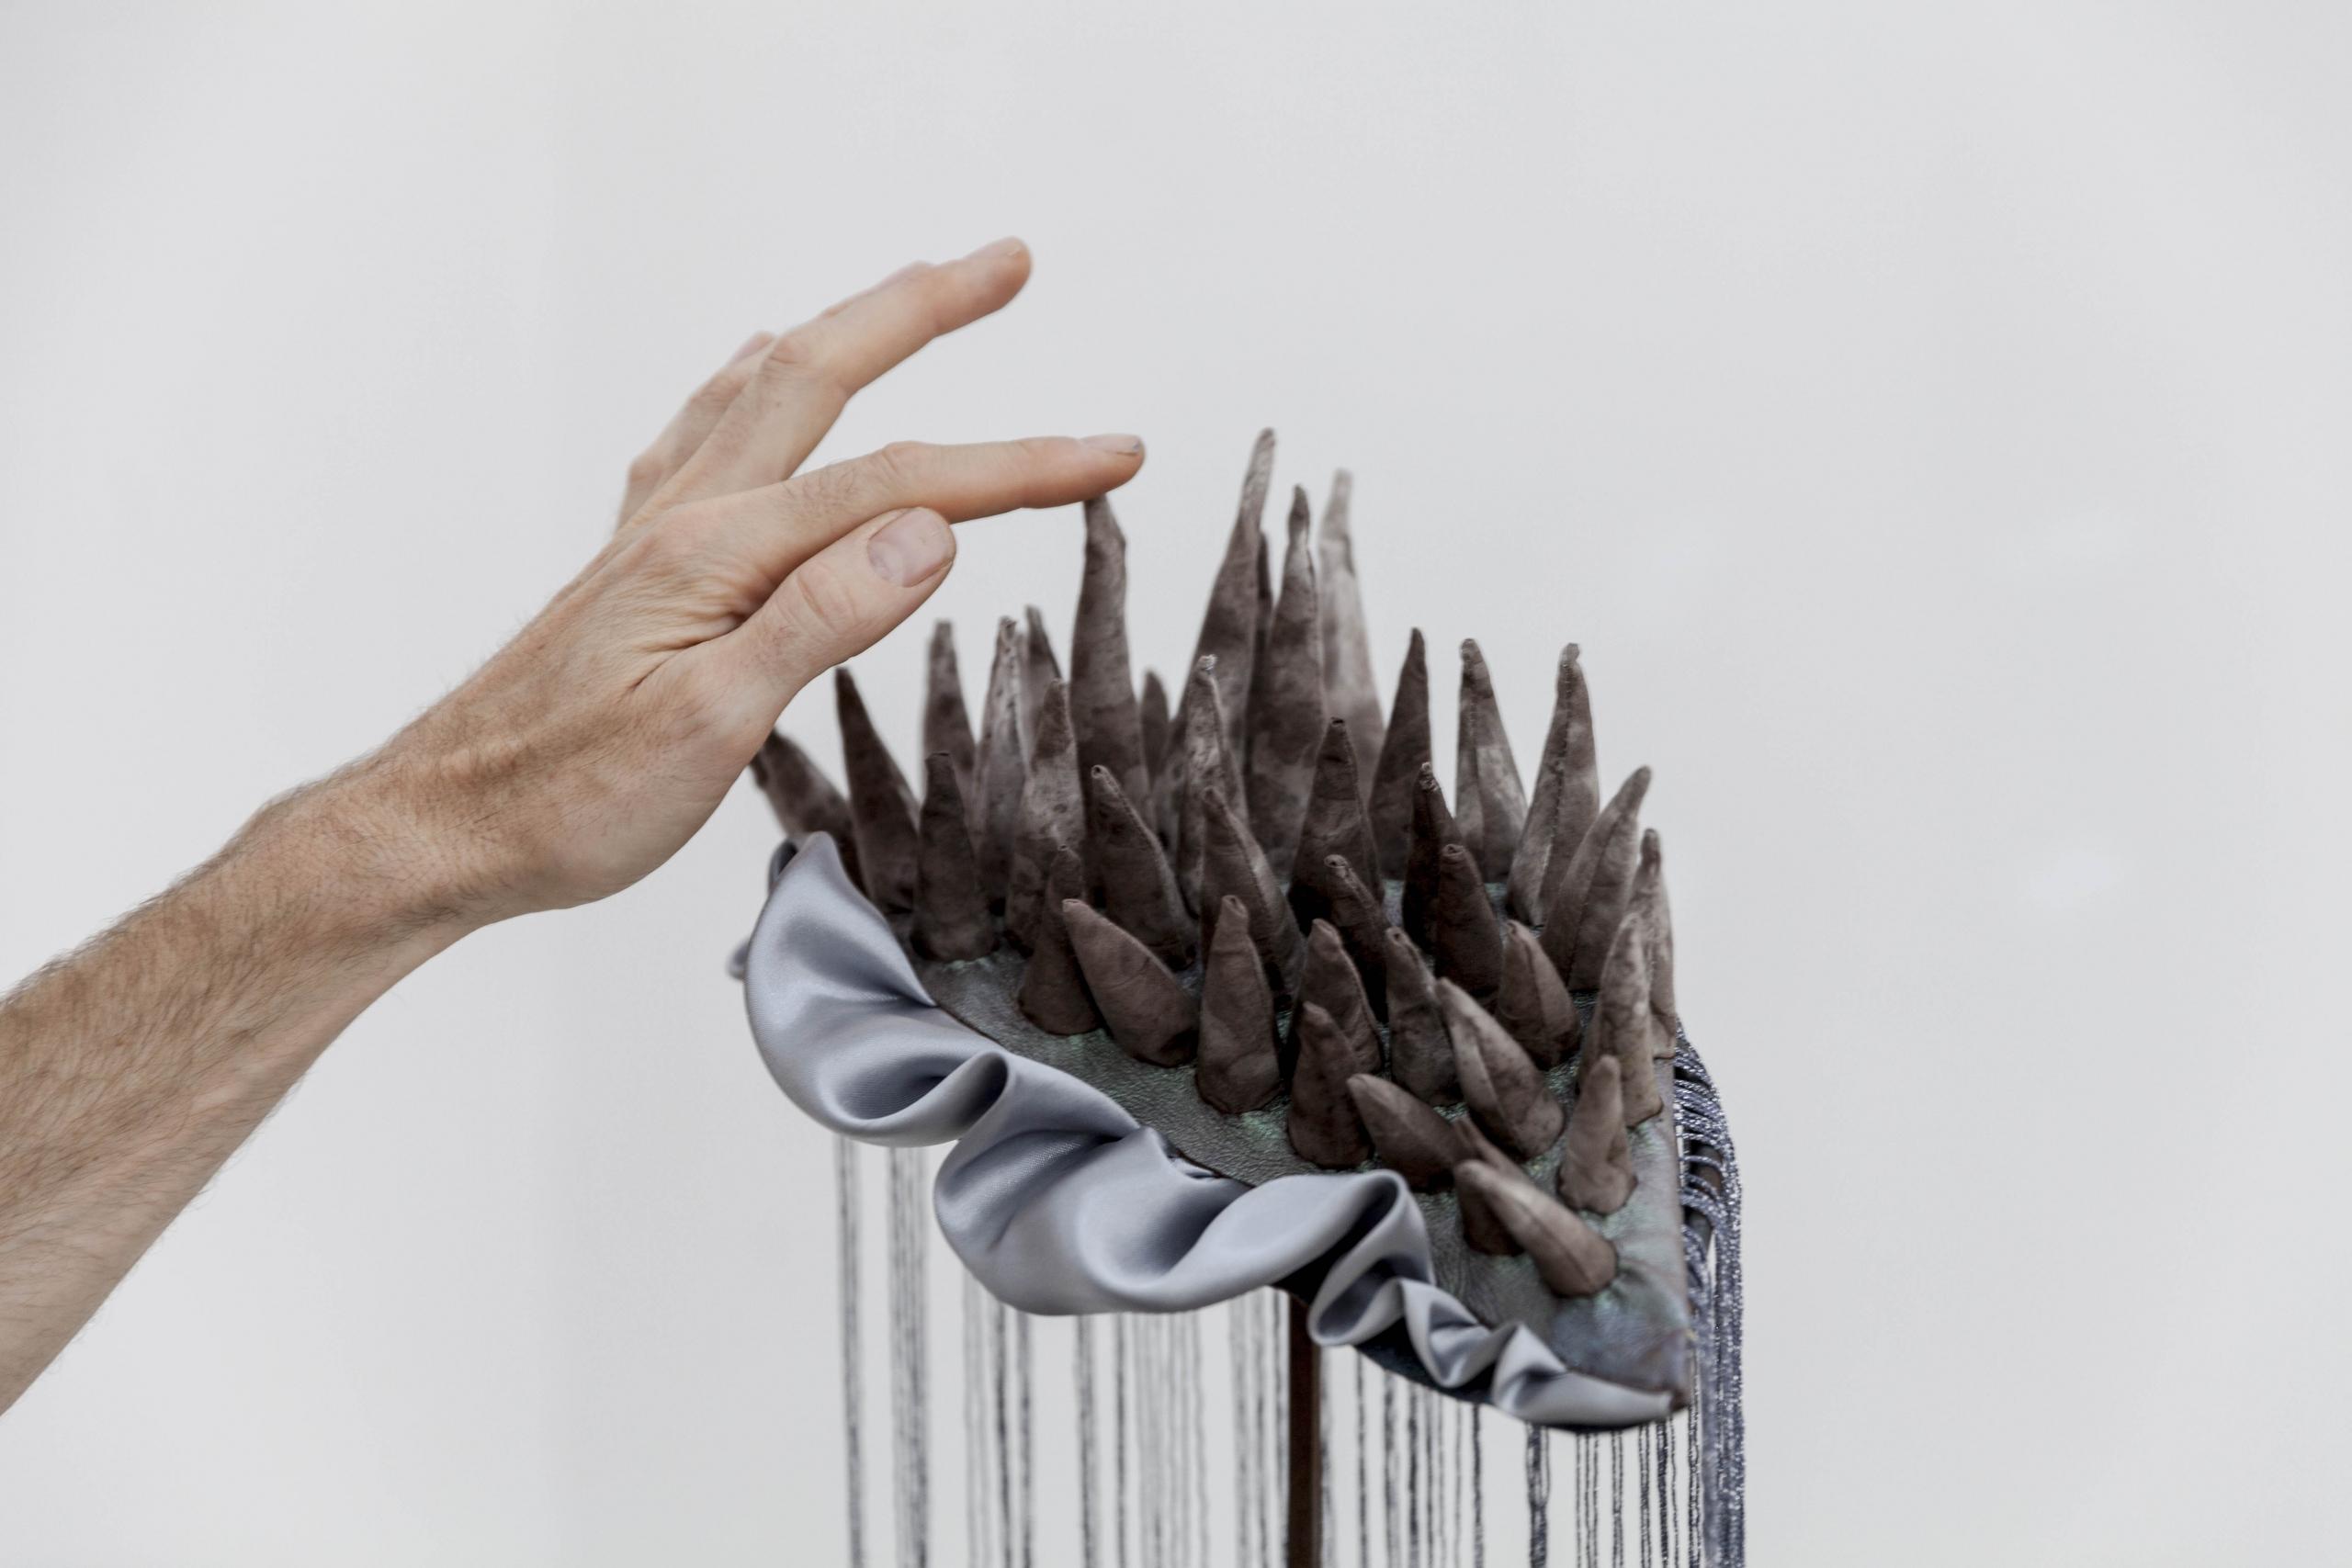 Body of Land, Ausstellungsansicht, Kunstraum VIKA Halle (Saale), 2021, Detail